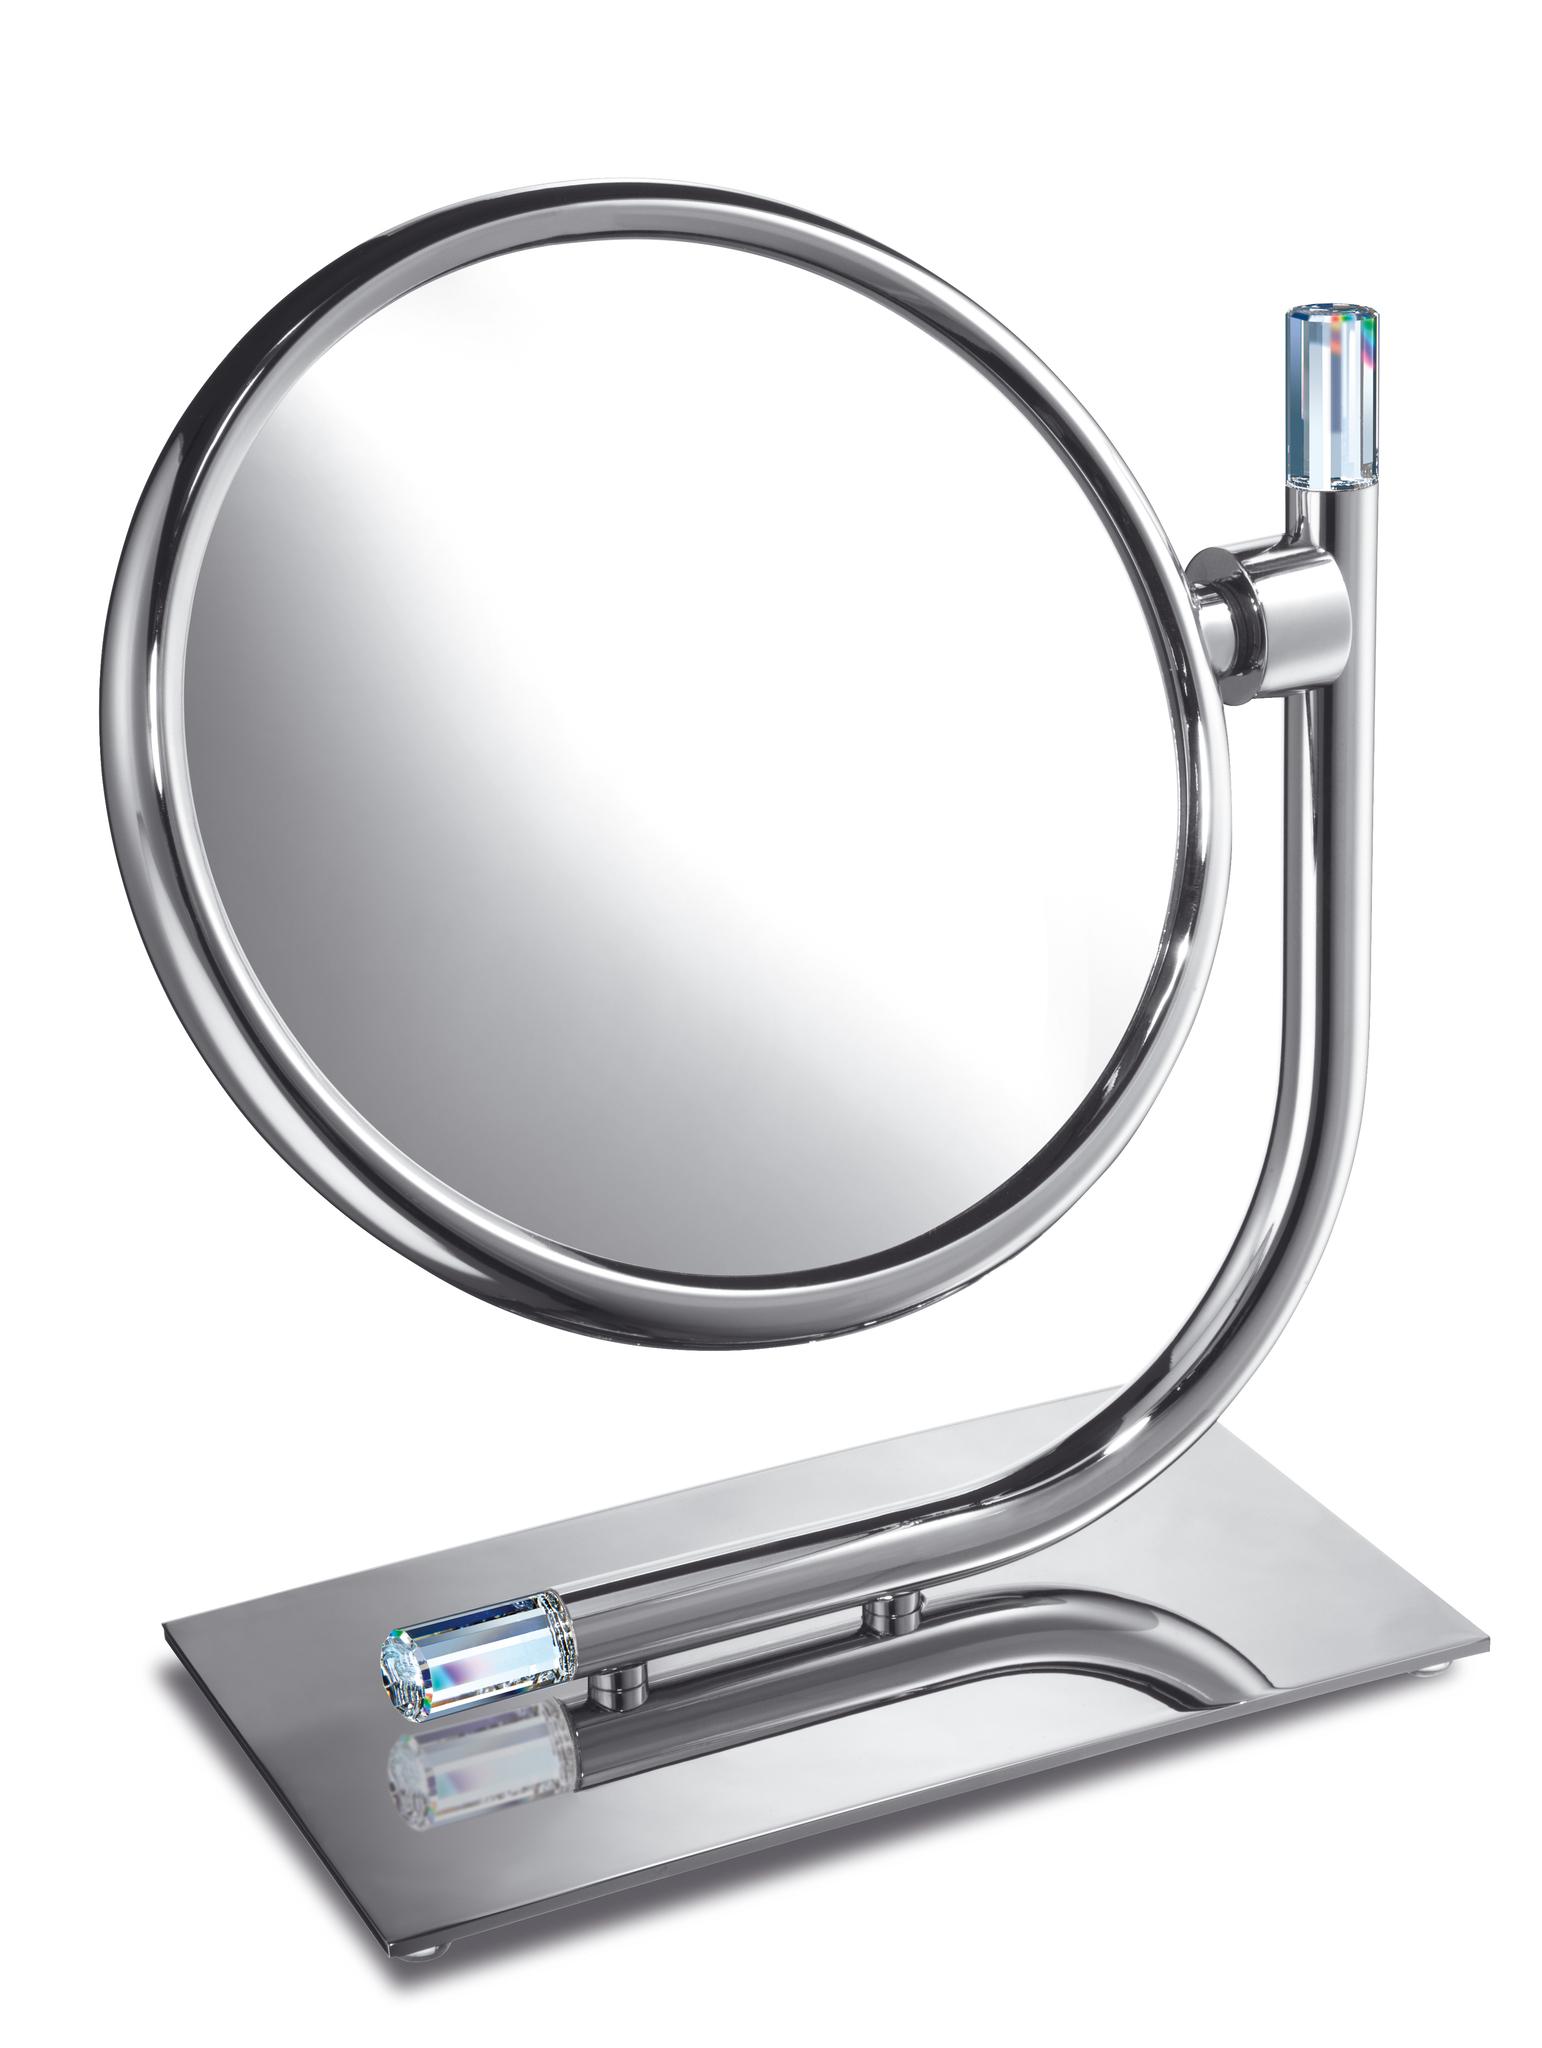 Зеркала Зеркало косметическое Windisch 99636CR 3X Concept elitnoe-zerkalo-kosmeticheskoe-99636-concept-ot-windisch-ispaniya.jpg